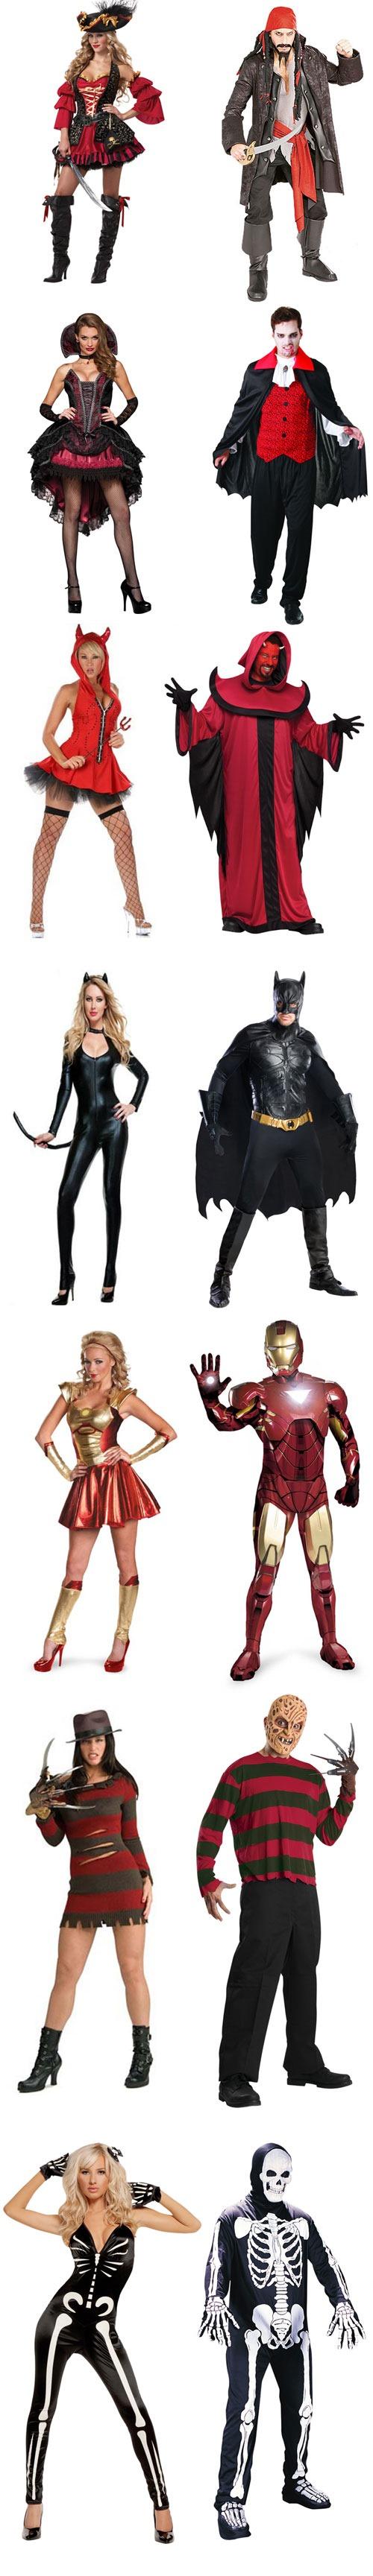 costumeshalloween_thumb